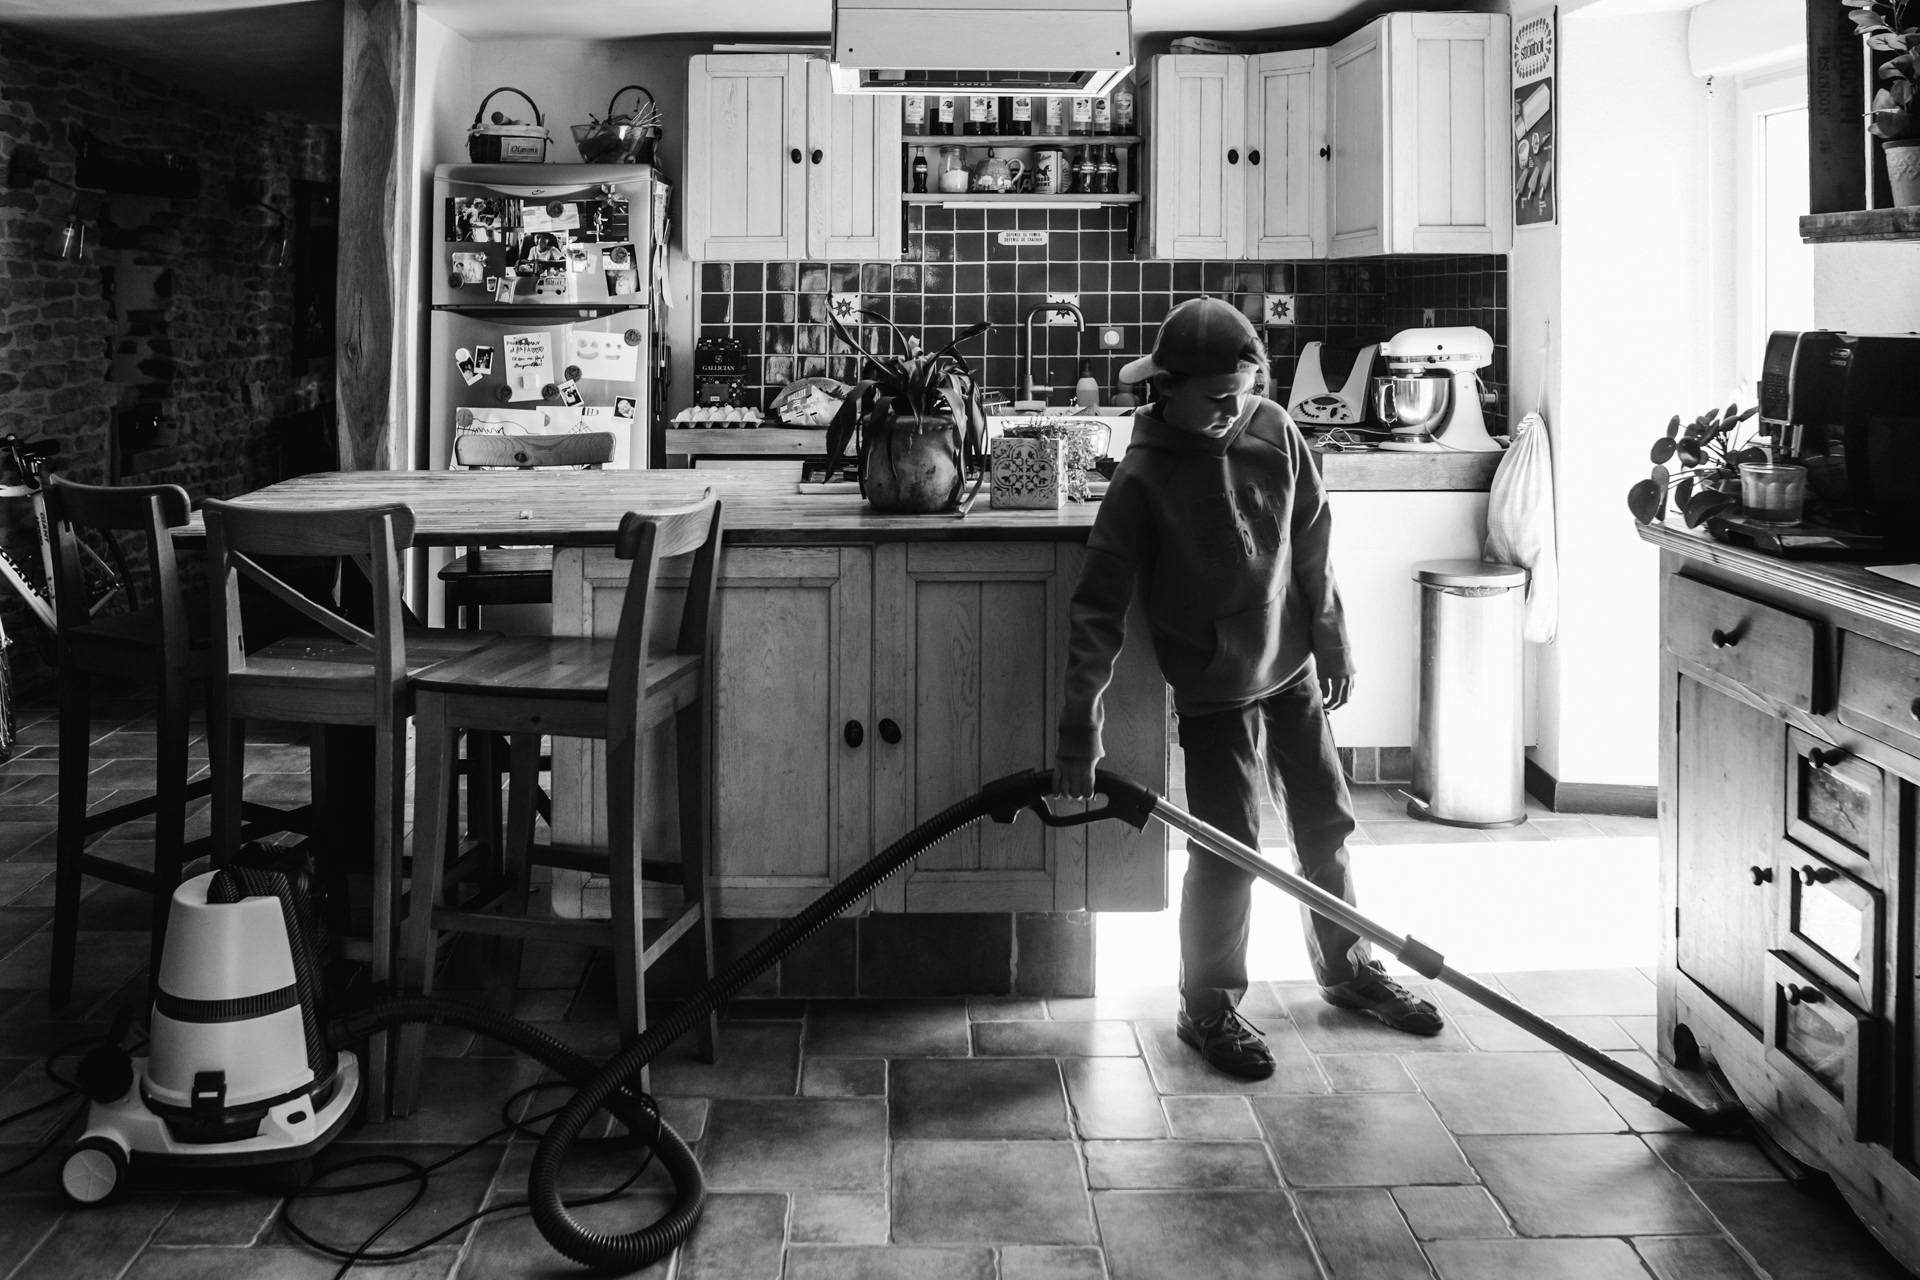 enfant passant l'aspirateur dans la cuisine